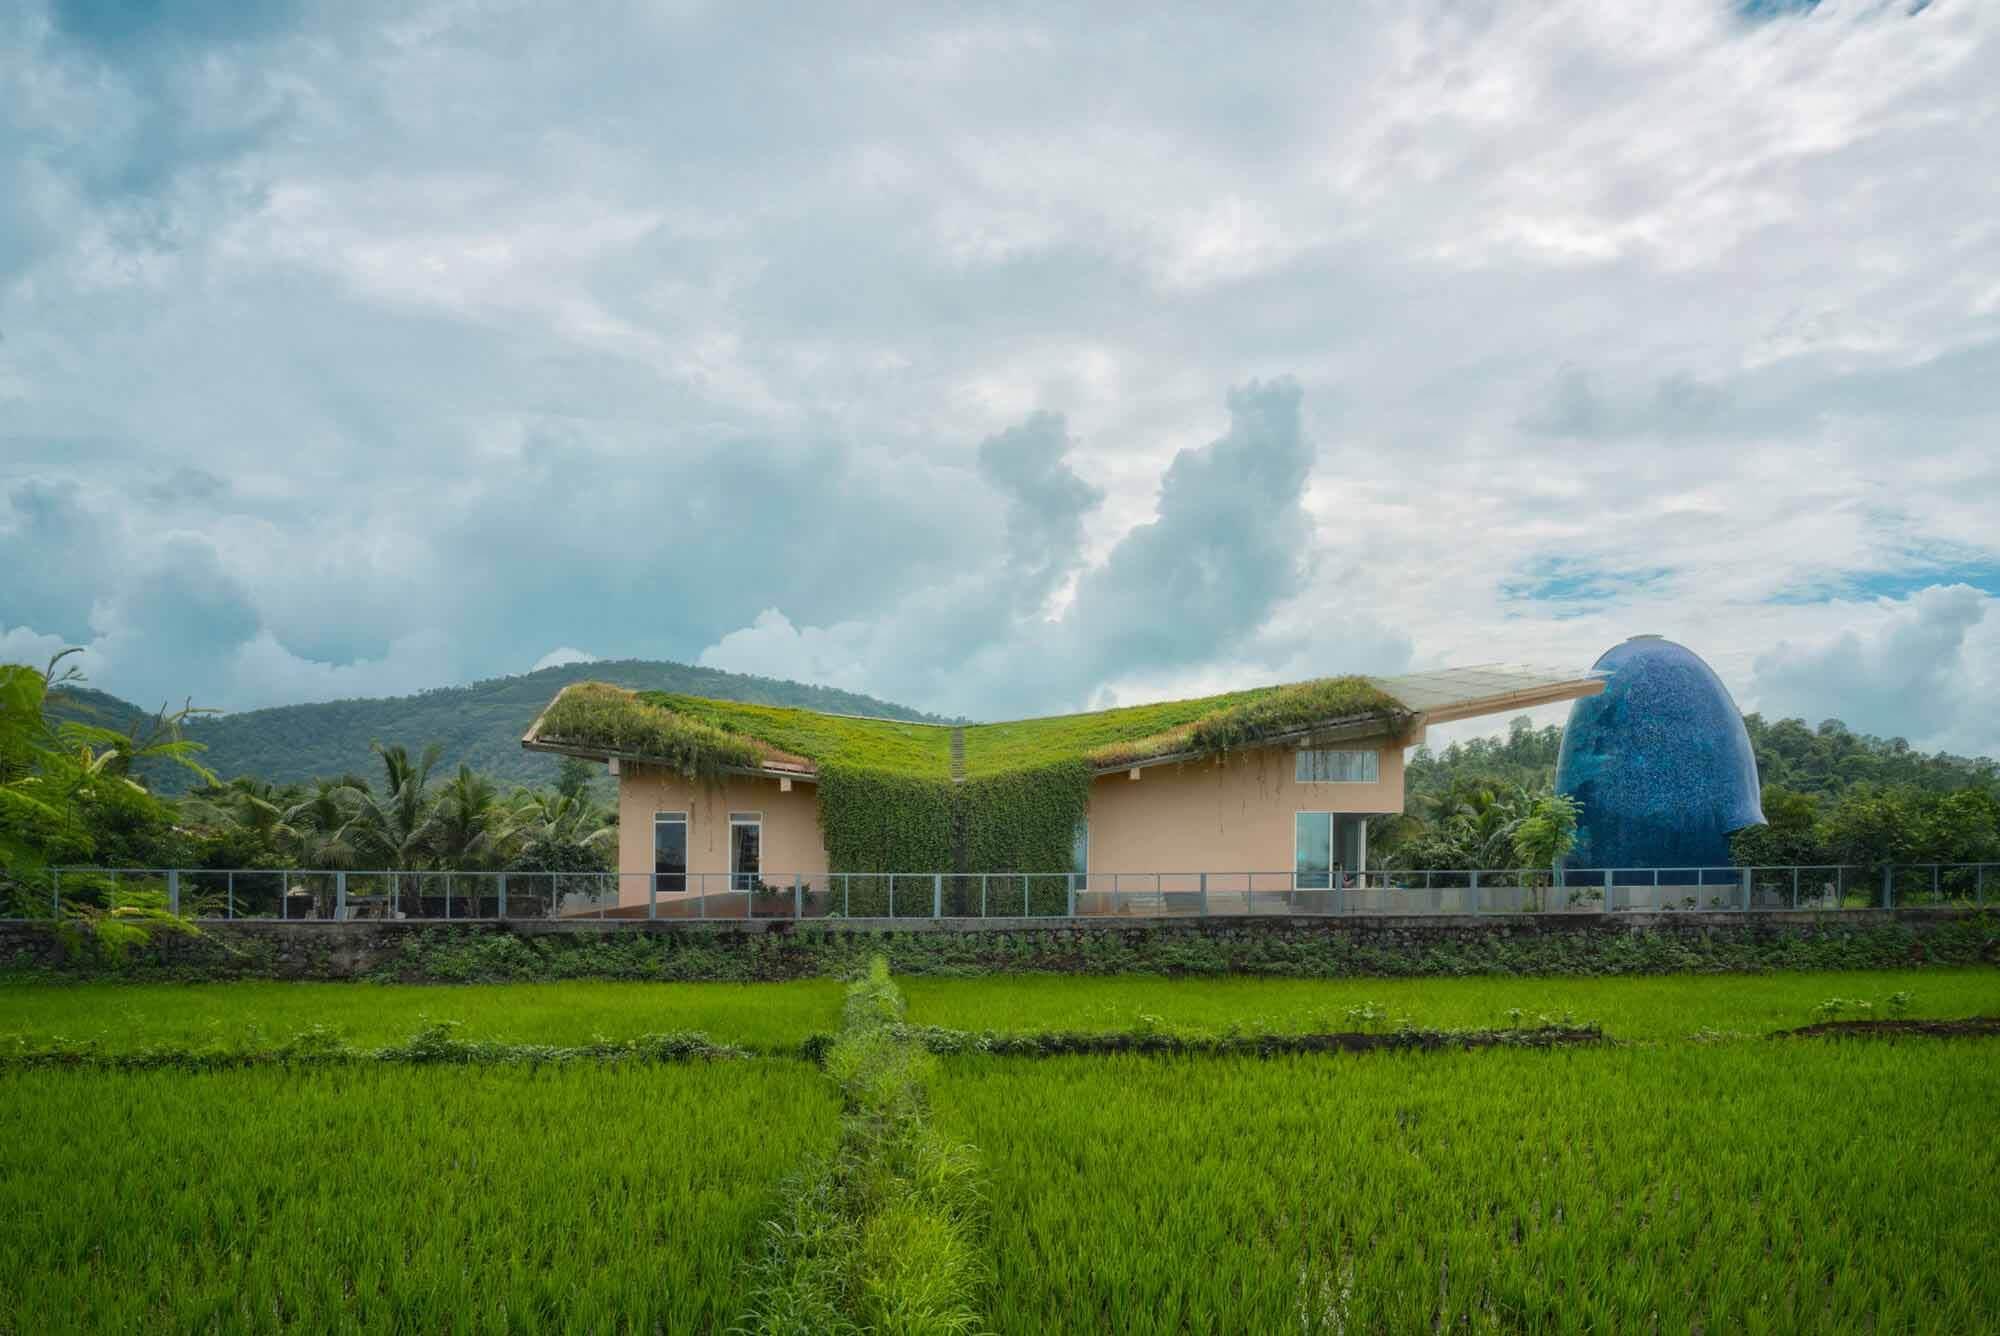 Дом храма Суну / Дизайн Сакет Сетхи